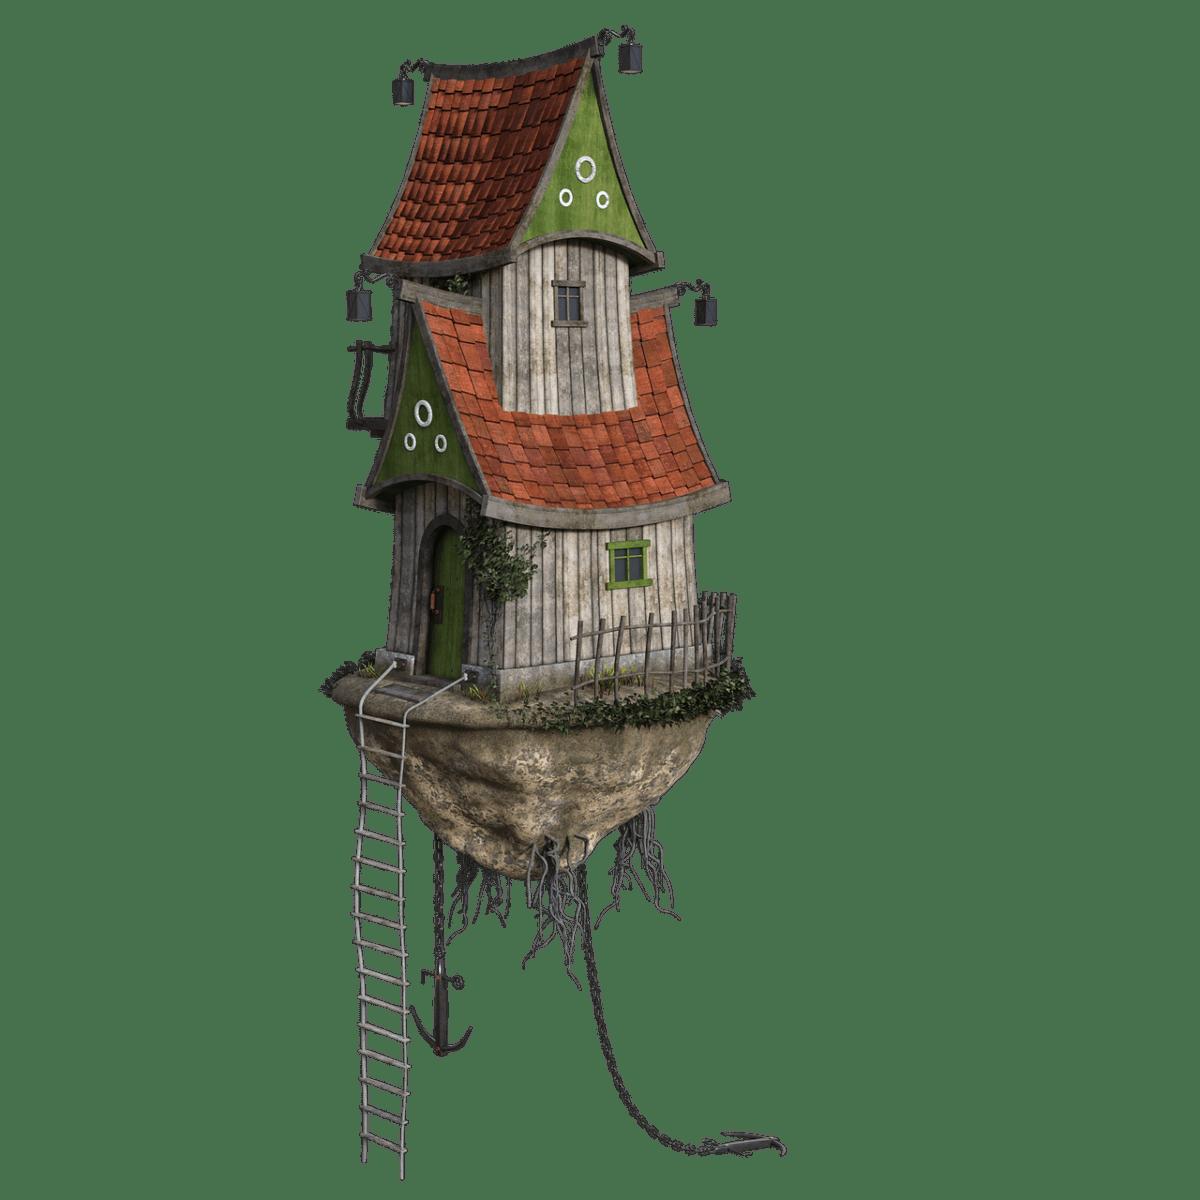 Maisons Battais Agrandissement De Maison 35 House 3942209 1280 732